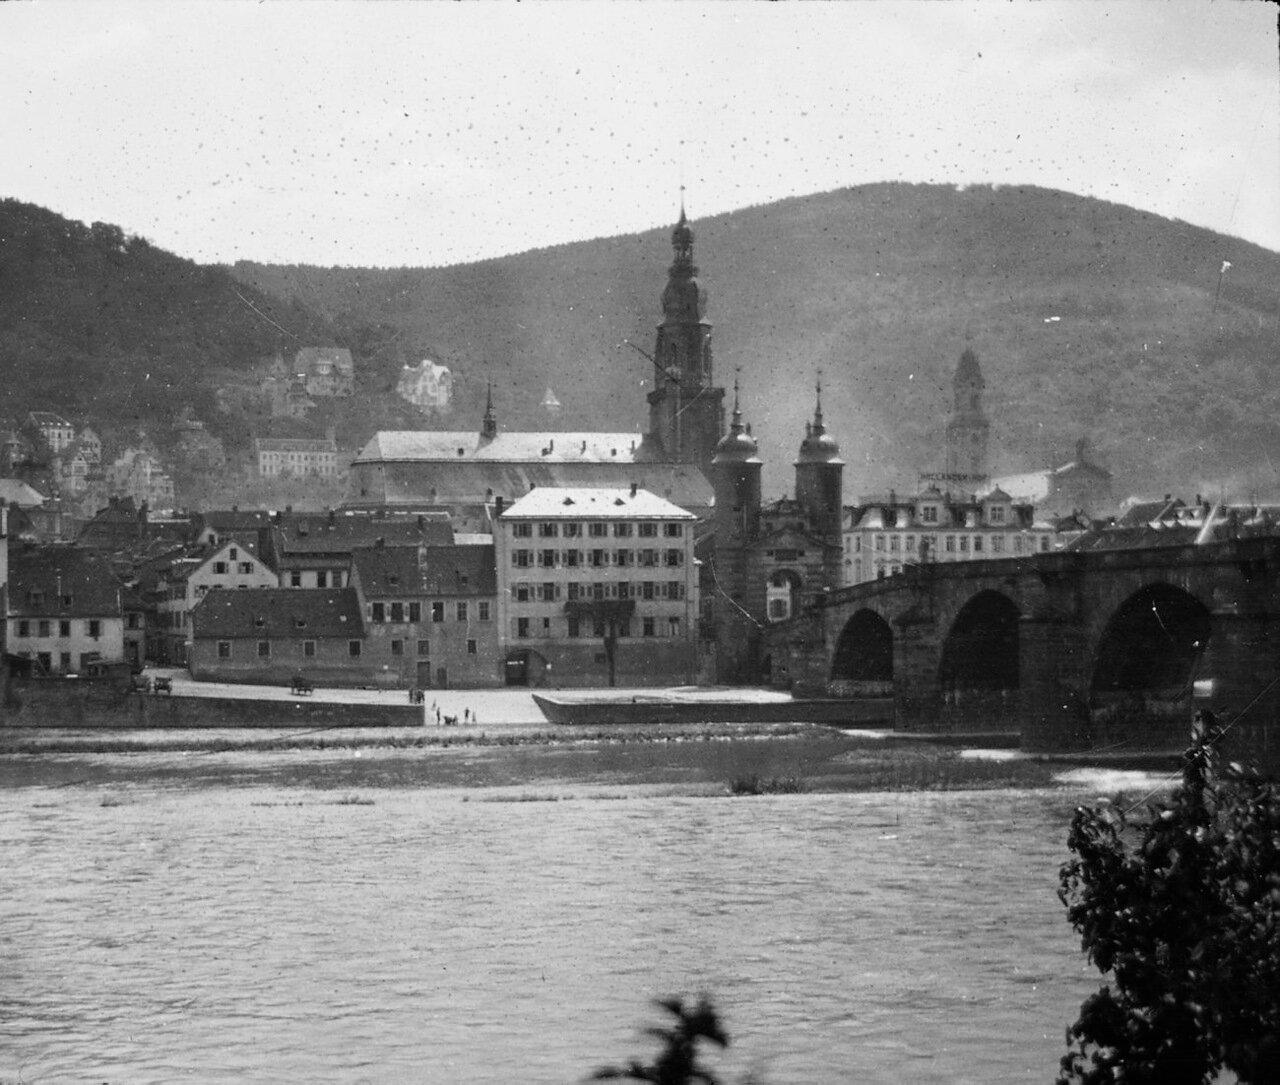 Гейдельберг. Мост через реку Неккар. 1906